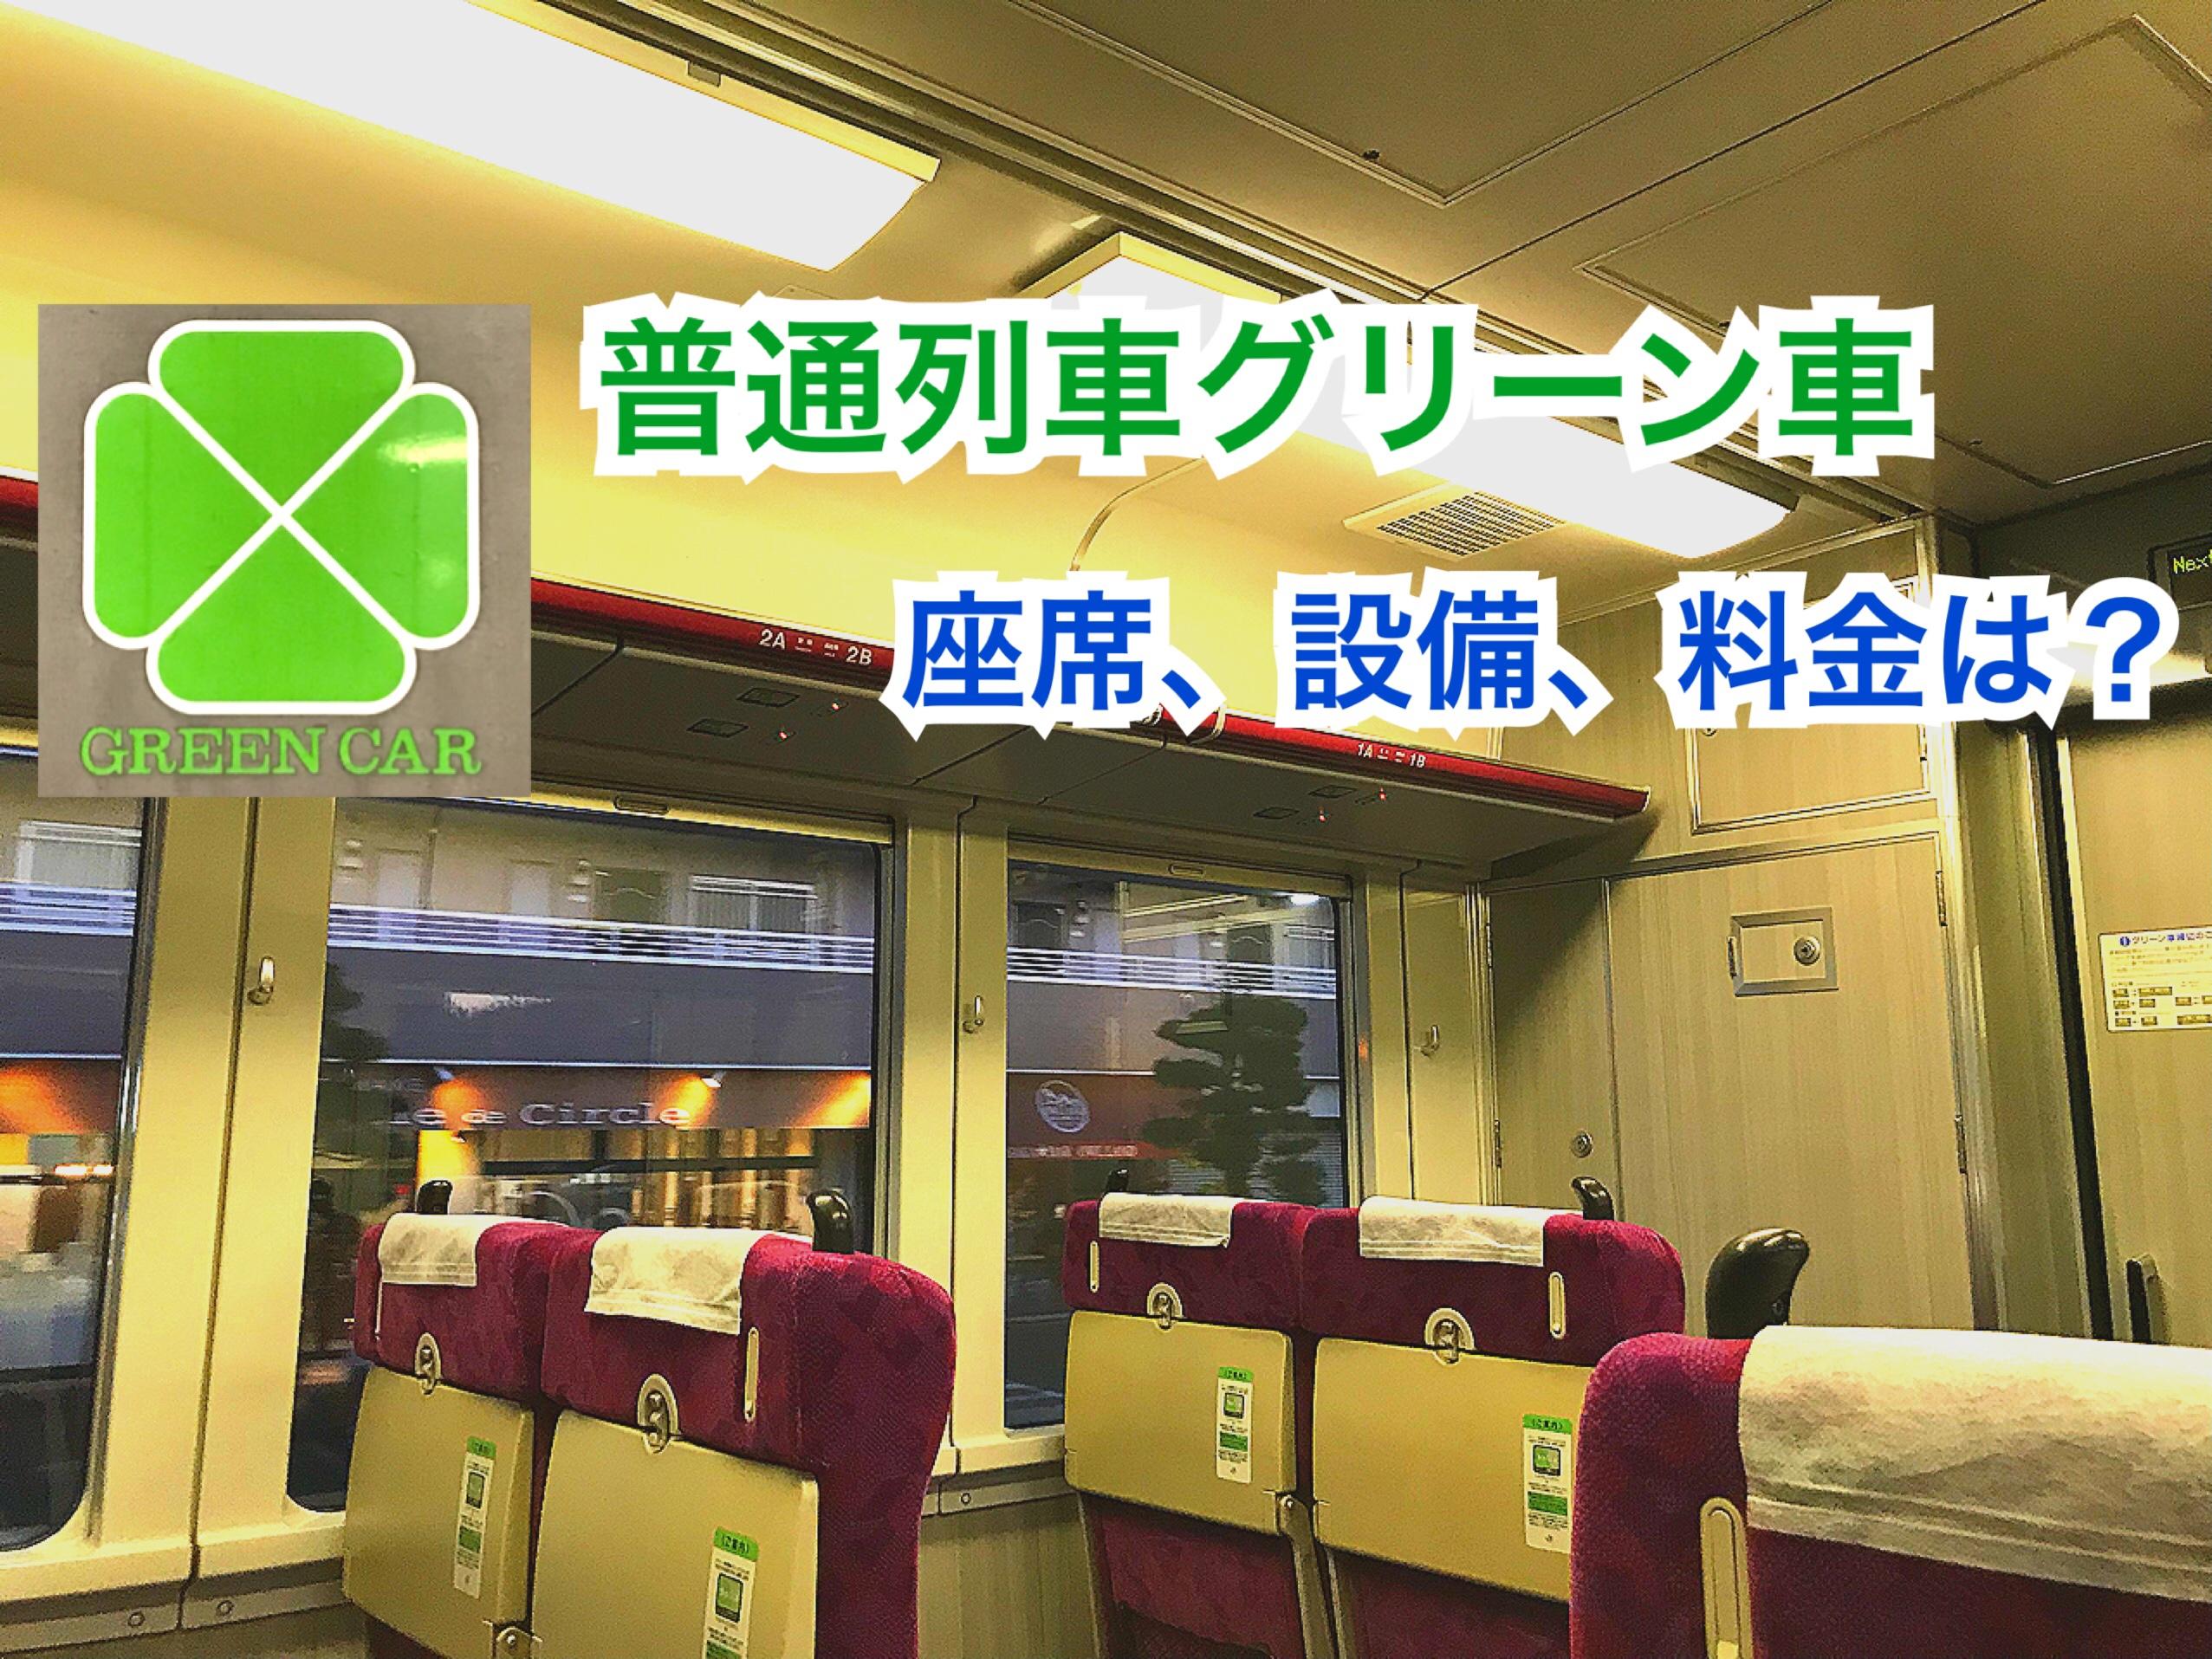 首都圏のグリーン車の座席、料金、設備をご紹介!【関東めぐり群馬編】